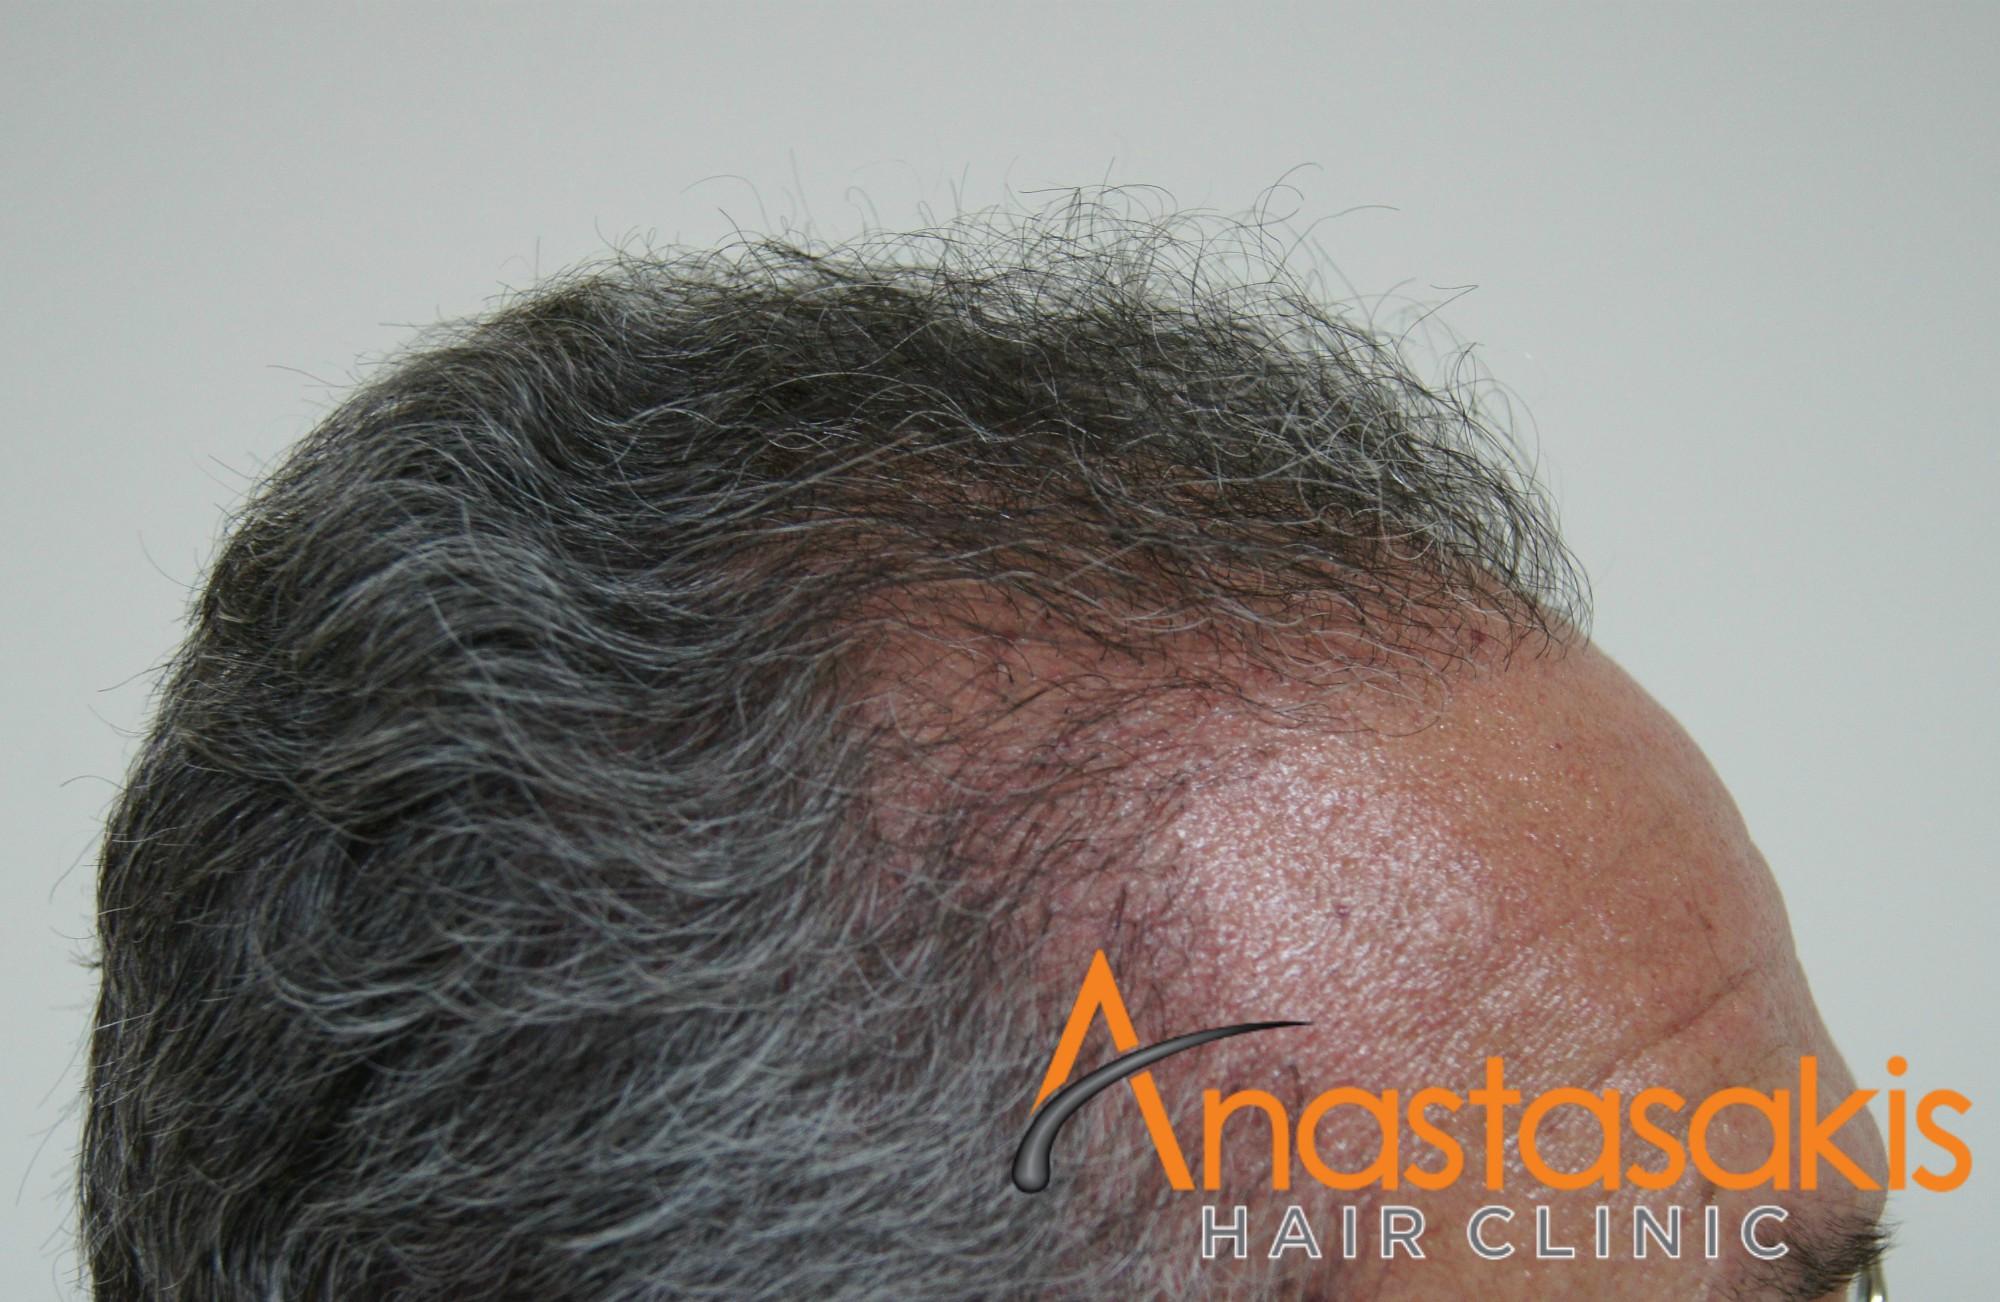 δεξι προφιλ 2 ασθενους μετα τη μεταμοσχευση μαλλιων με 3200 fus